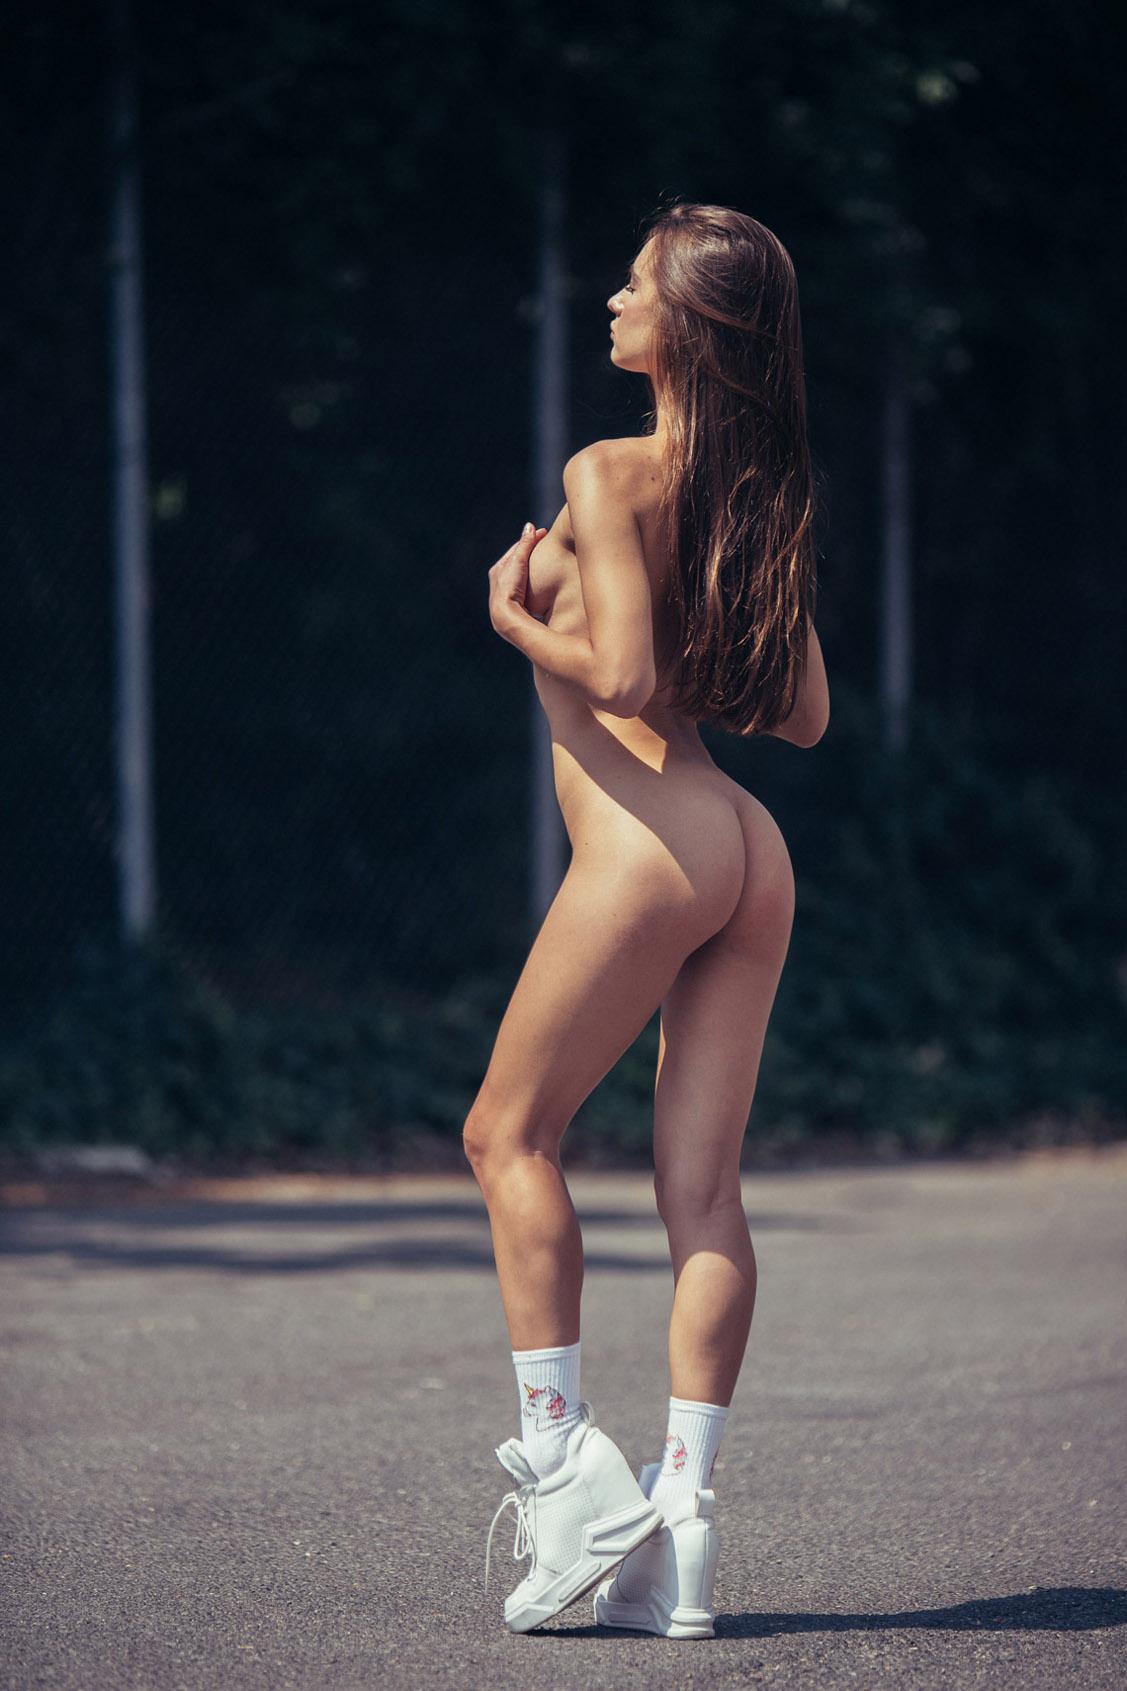 голая девушка гуляет по городу / фото 10